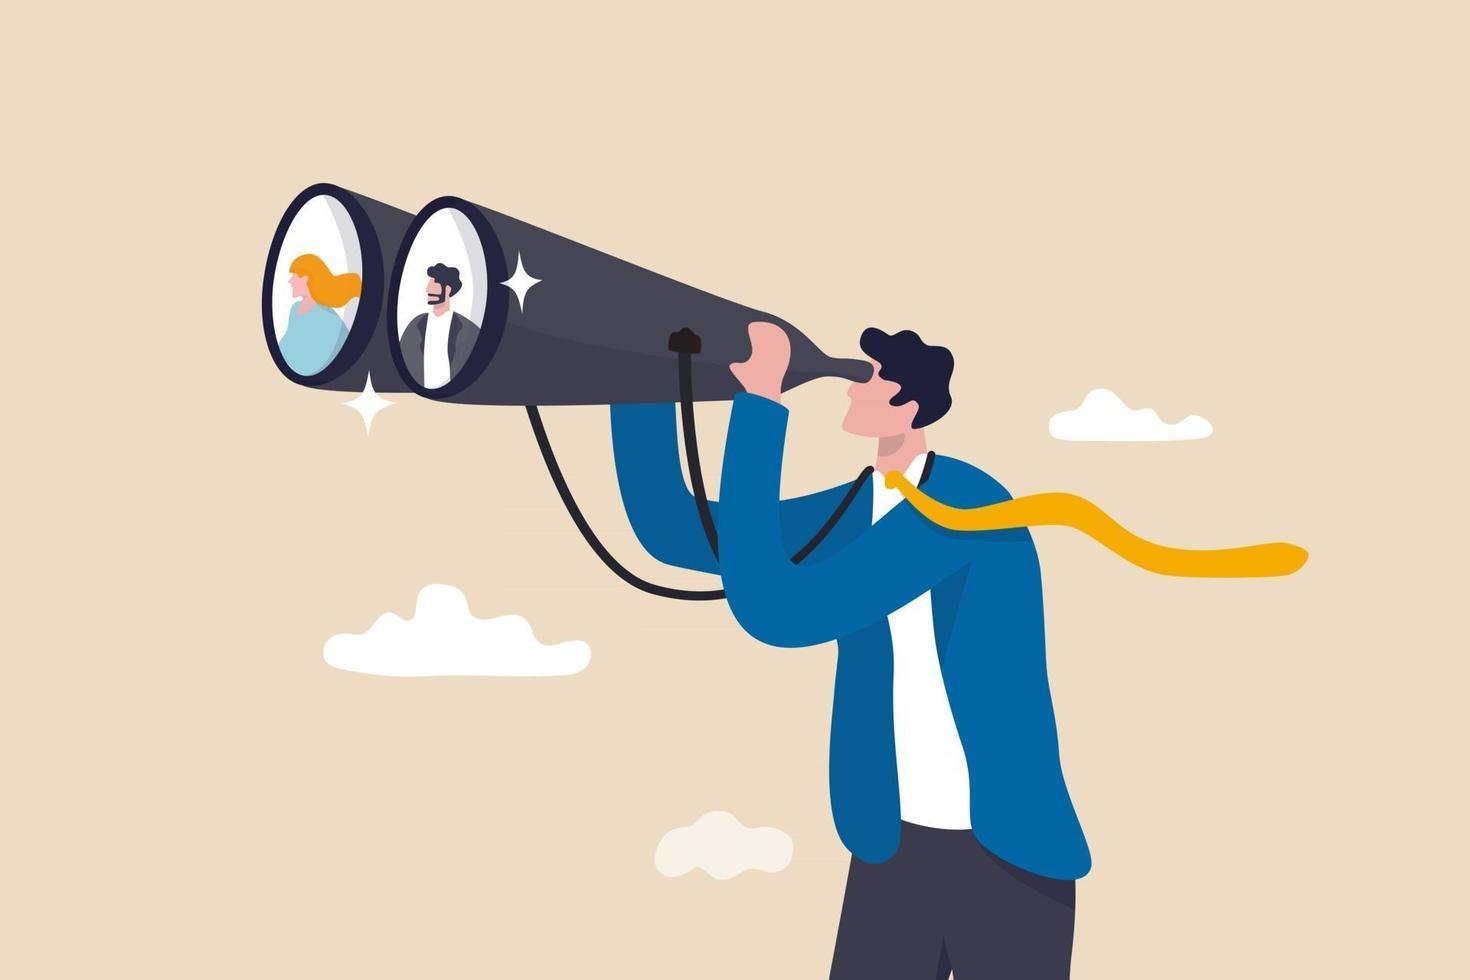 procurando por candidato, RH RH encontrar pessoas para preencher uma vaga de emprego, encontrar um cliente ou conceito de oportunidade de carreira, empresário hr olhar através de binóculos para encontrar candidatos. vetor